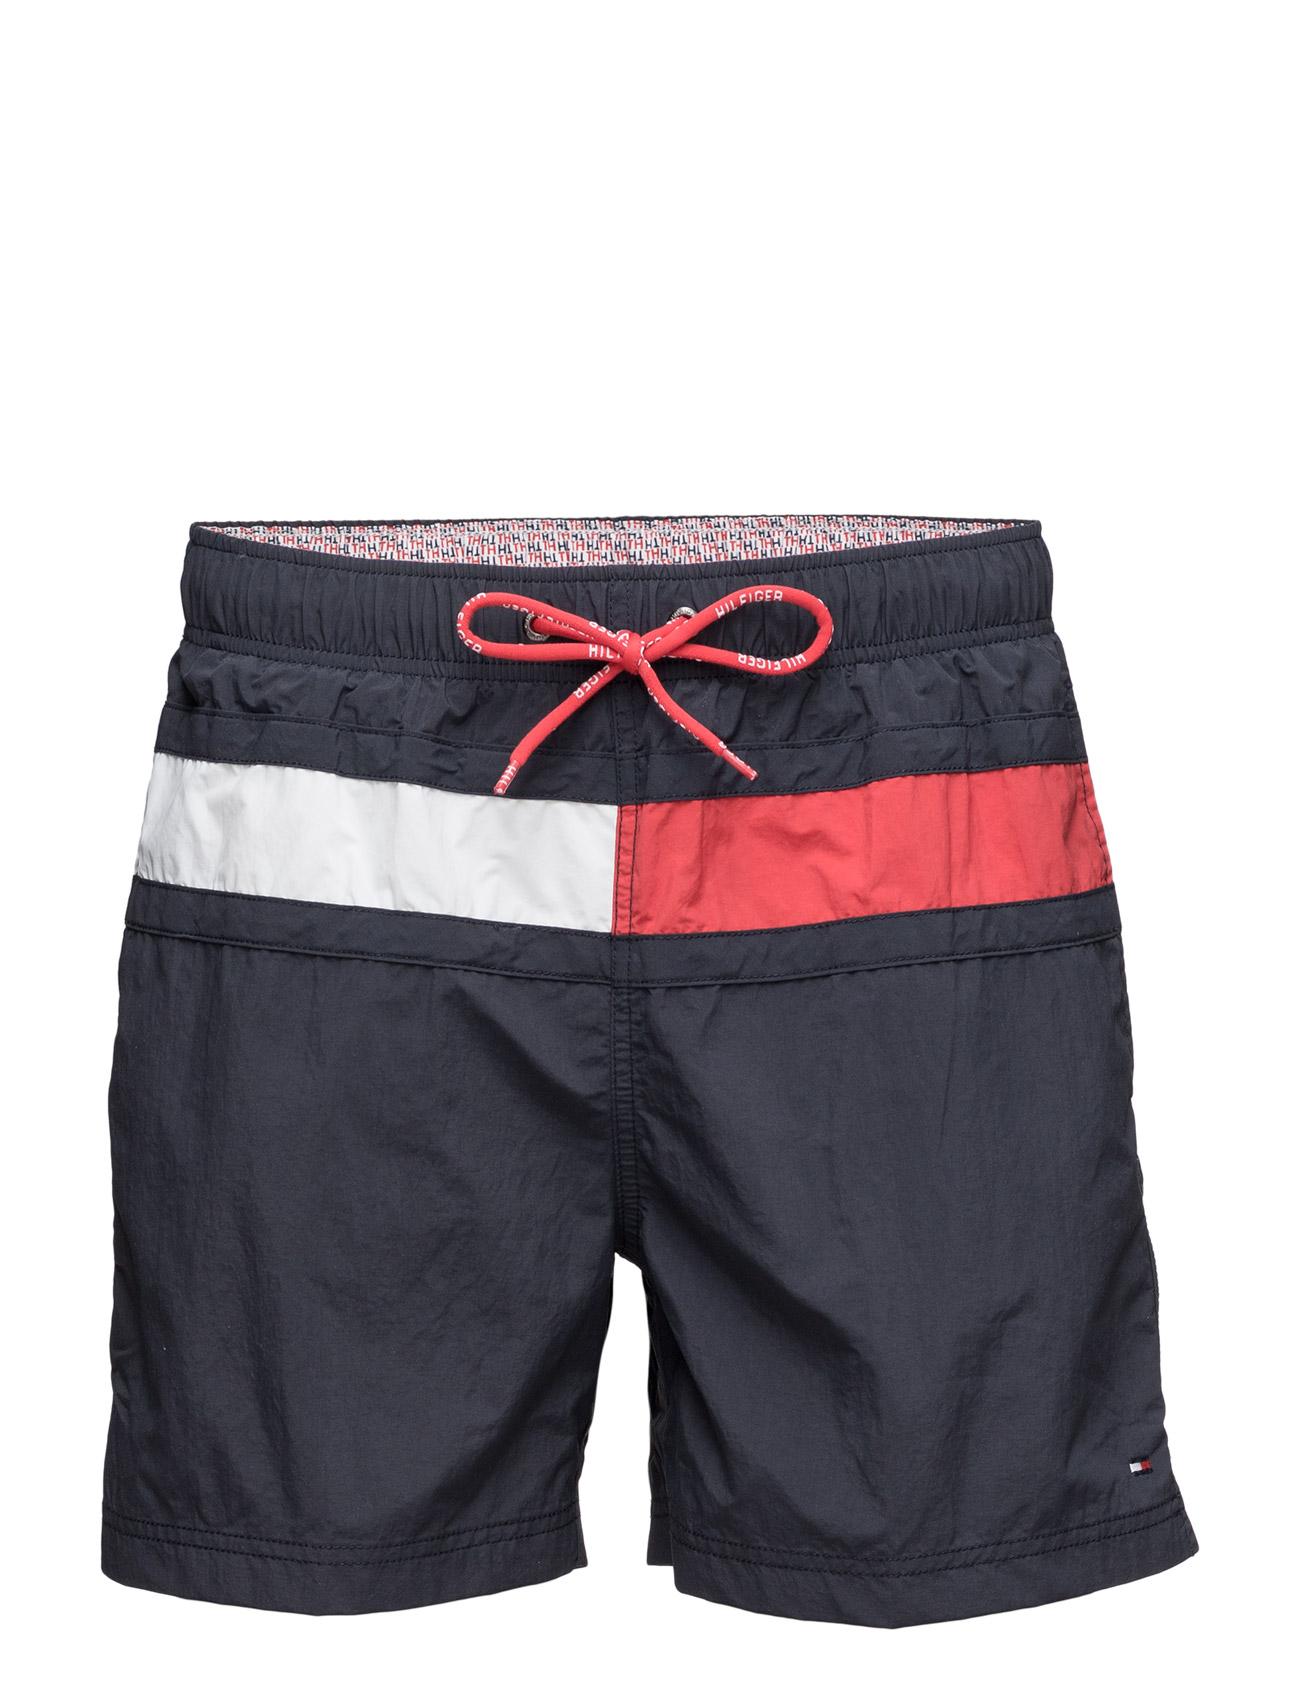 Flag Trunk Tommy Hilfiger Shorts til Mænd i hvid